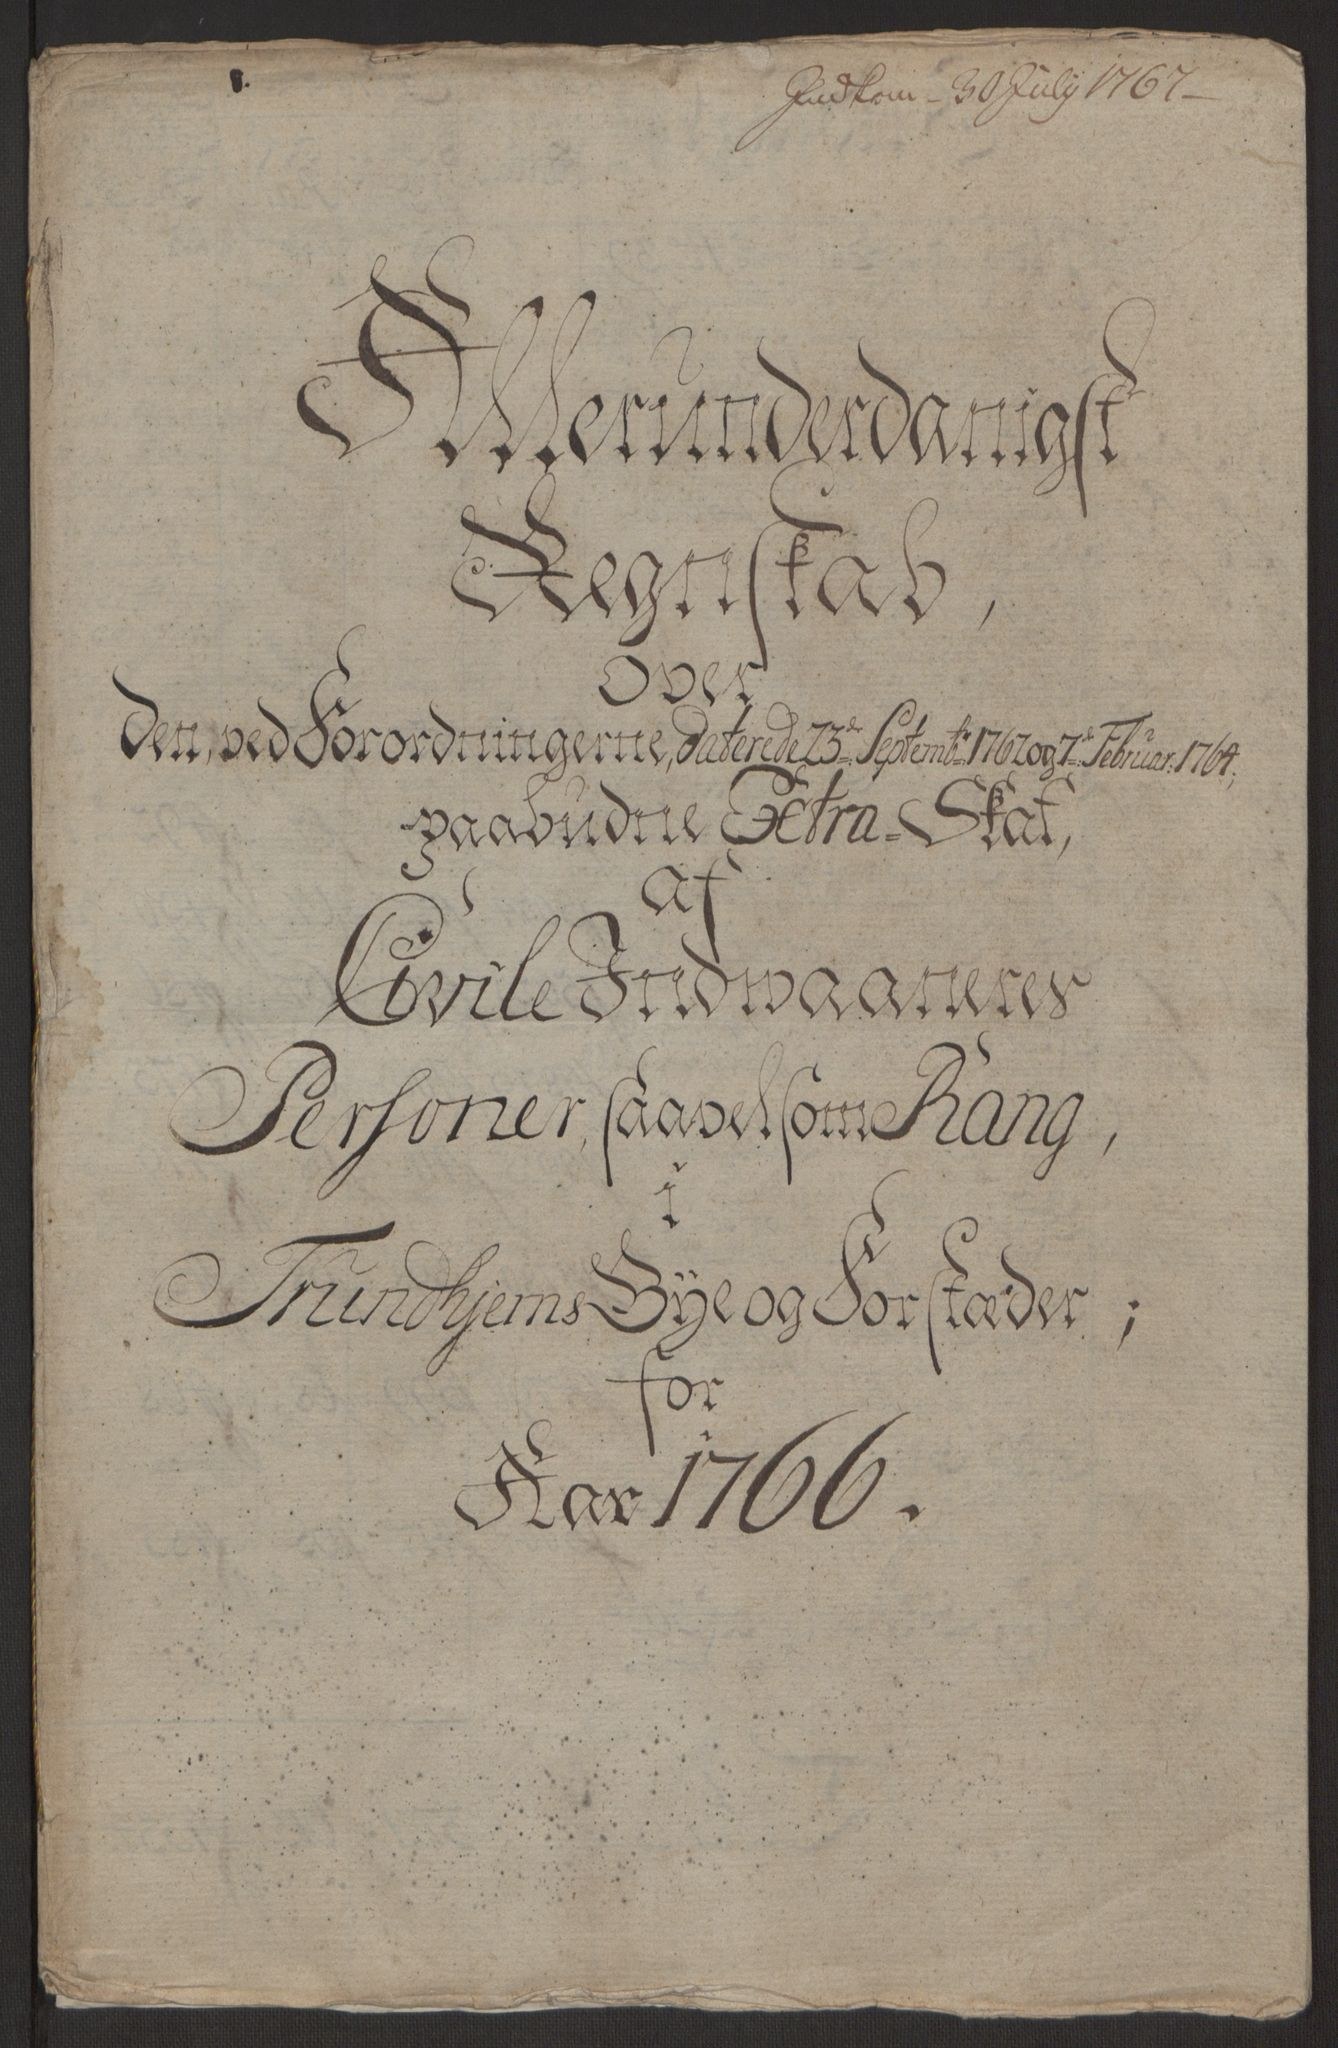 RA, Rentekammeret inntil 1814, Reviderte regnskaper, Byregnskaper, R/Rs/L0516: [S9] Kontribusjonsregnskap, 1762-1767, s. 351